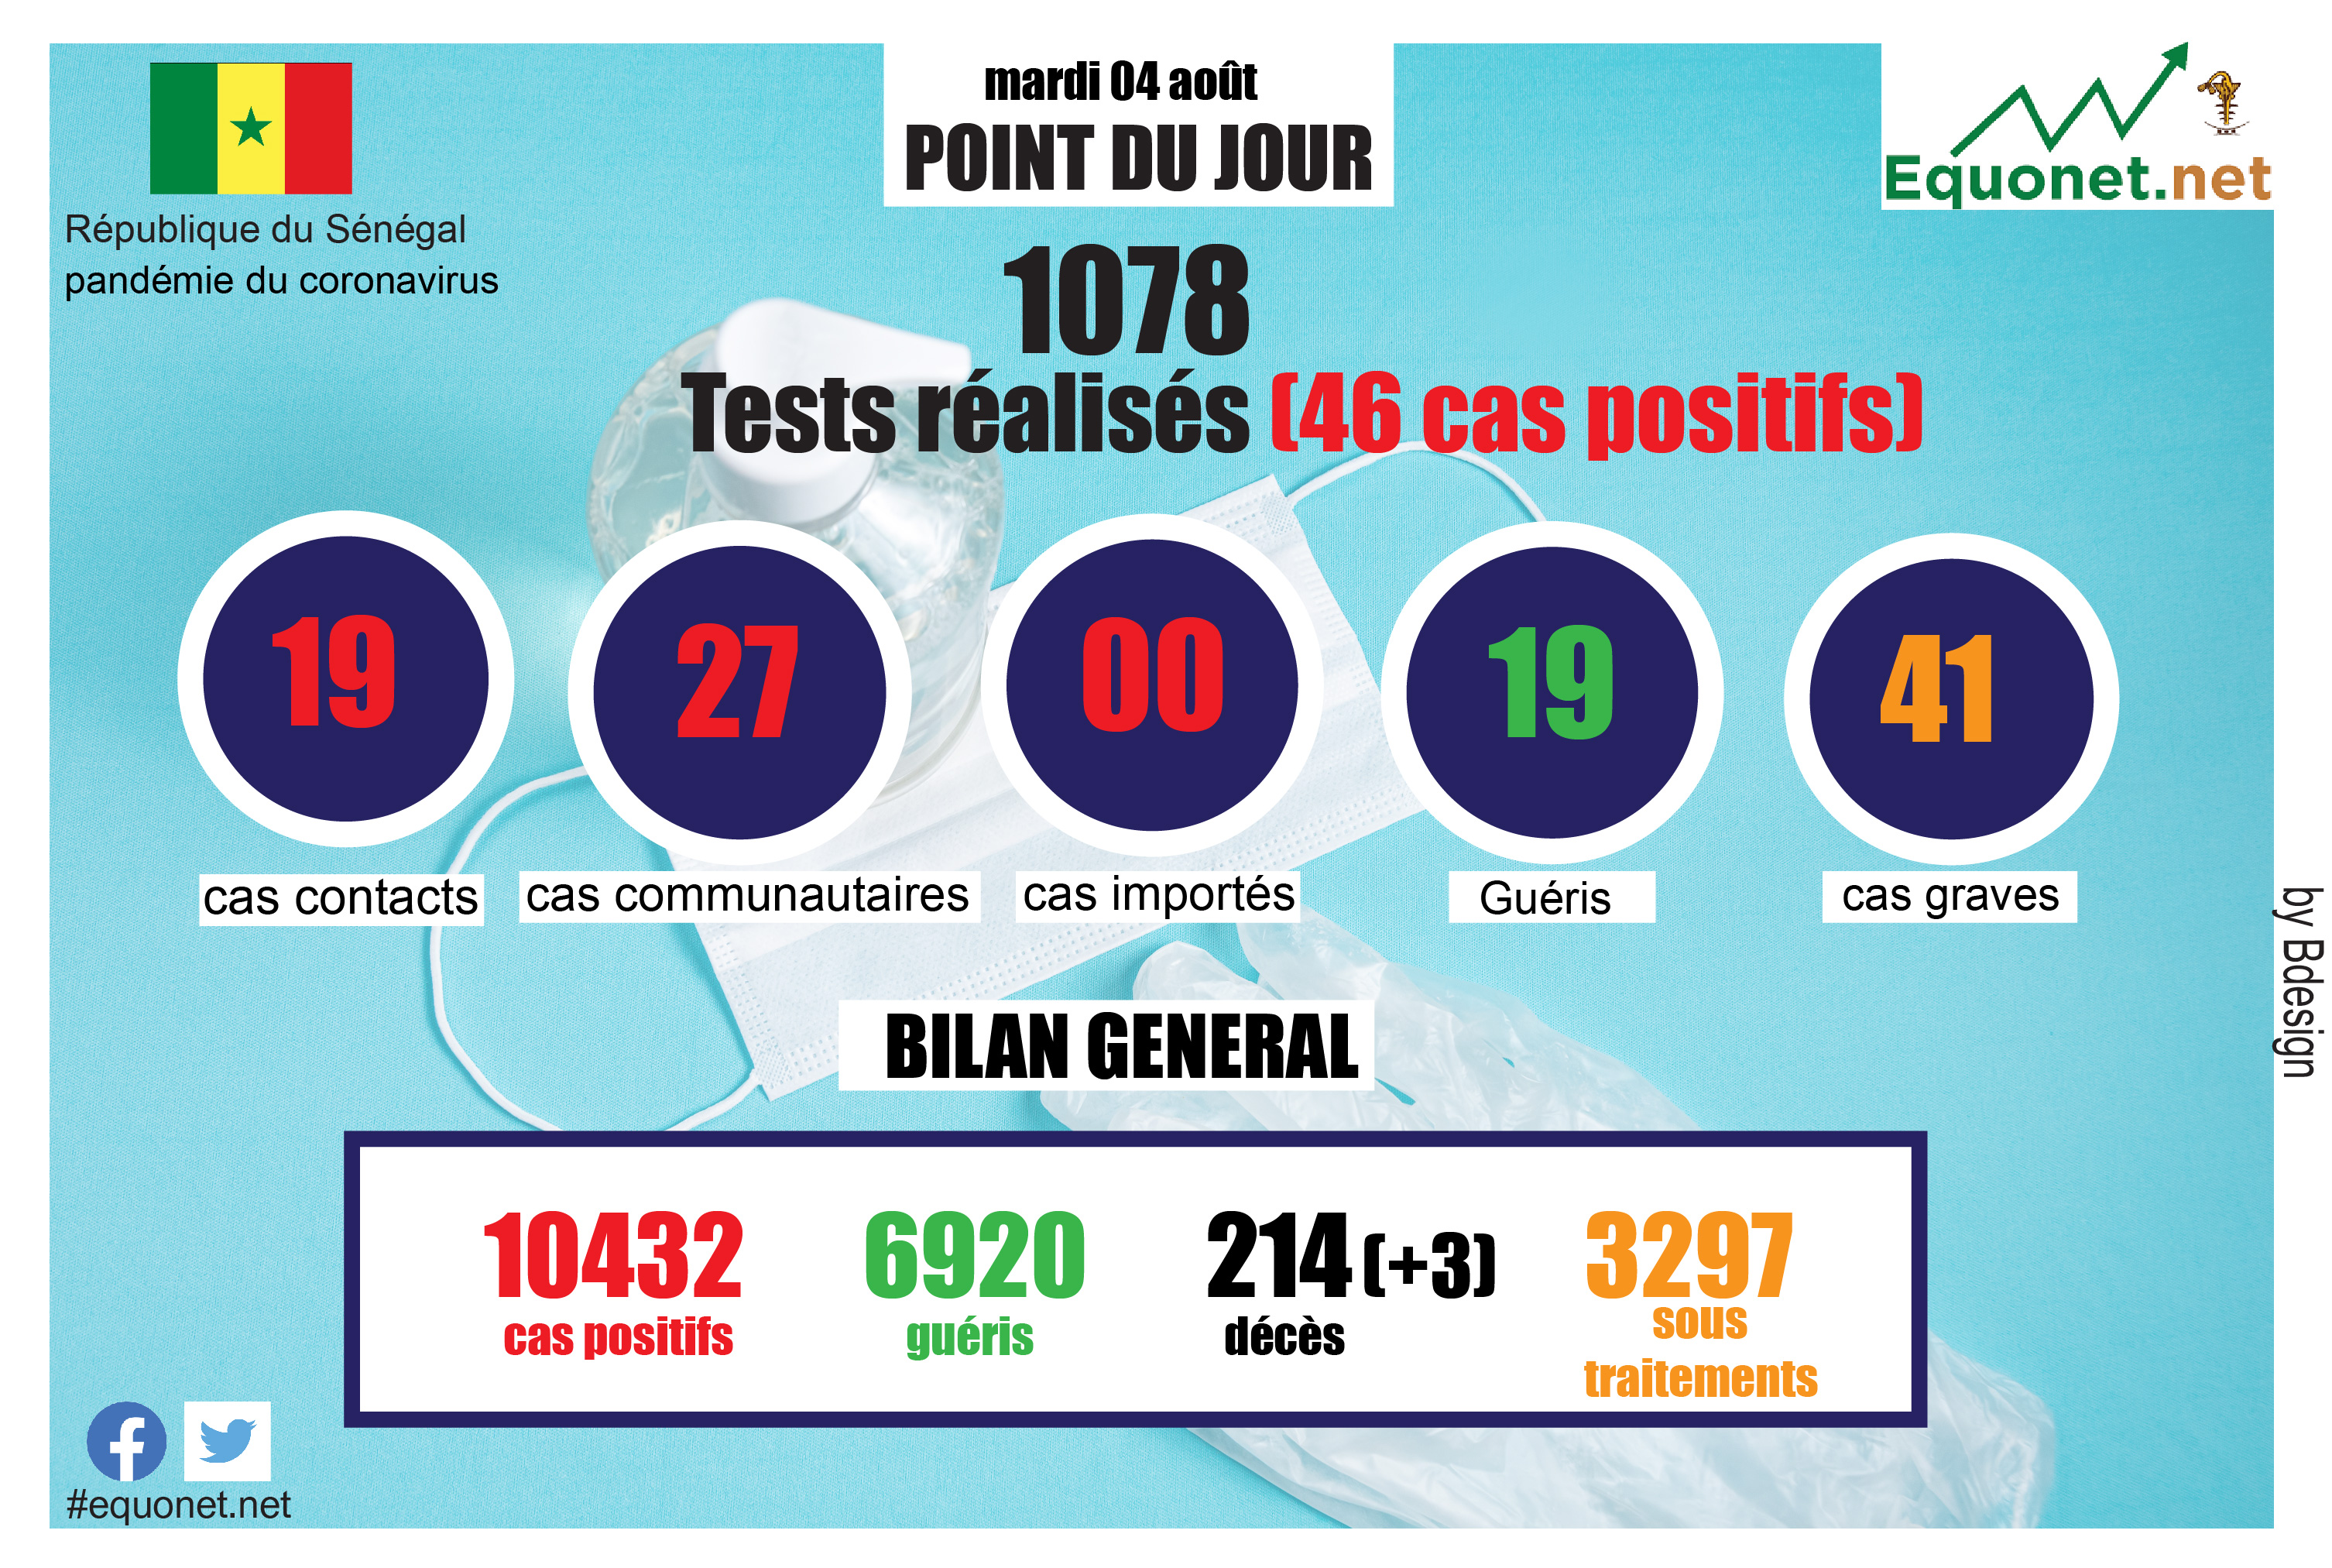 pandémie du coronavirus-covid-19 au sénégal : point de situation du mardi 04 août 2020